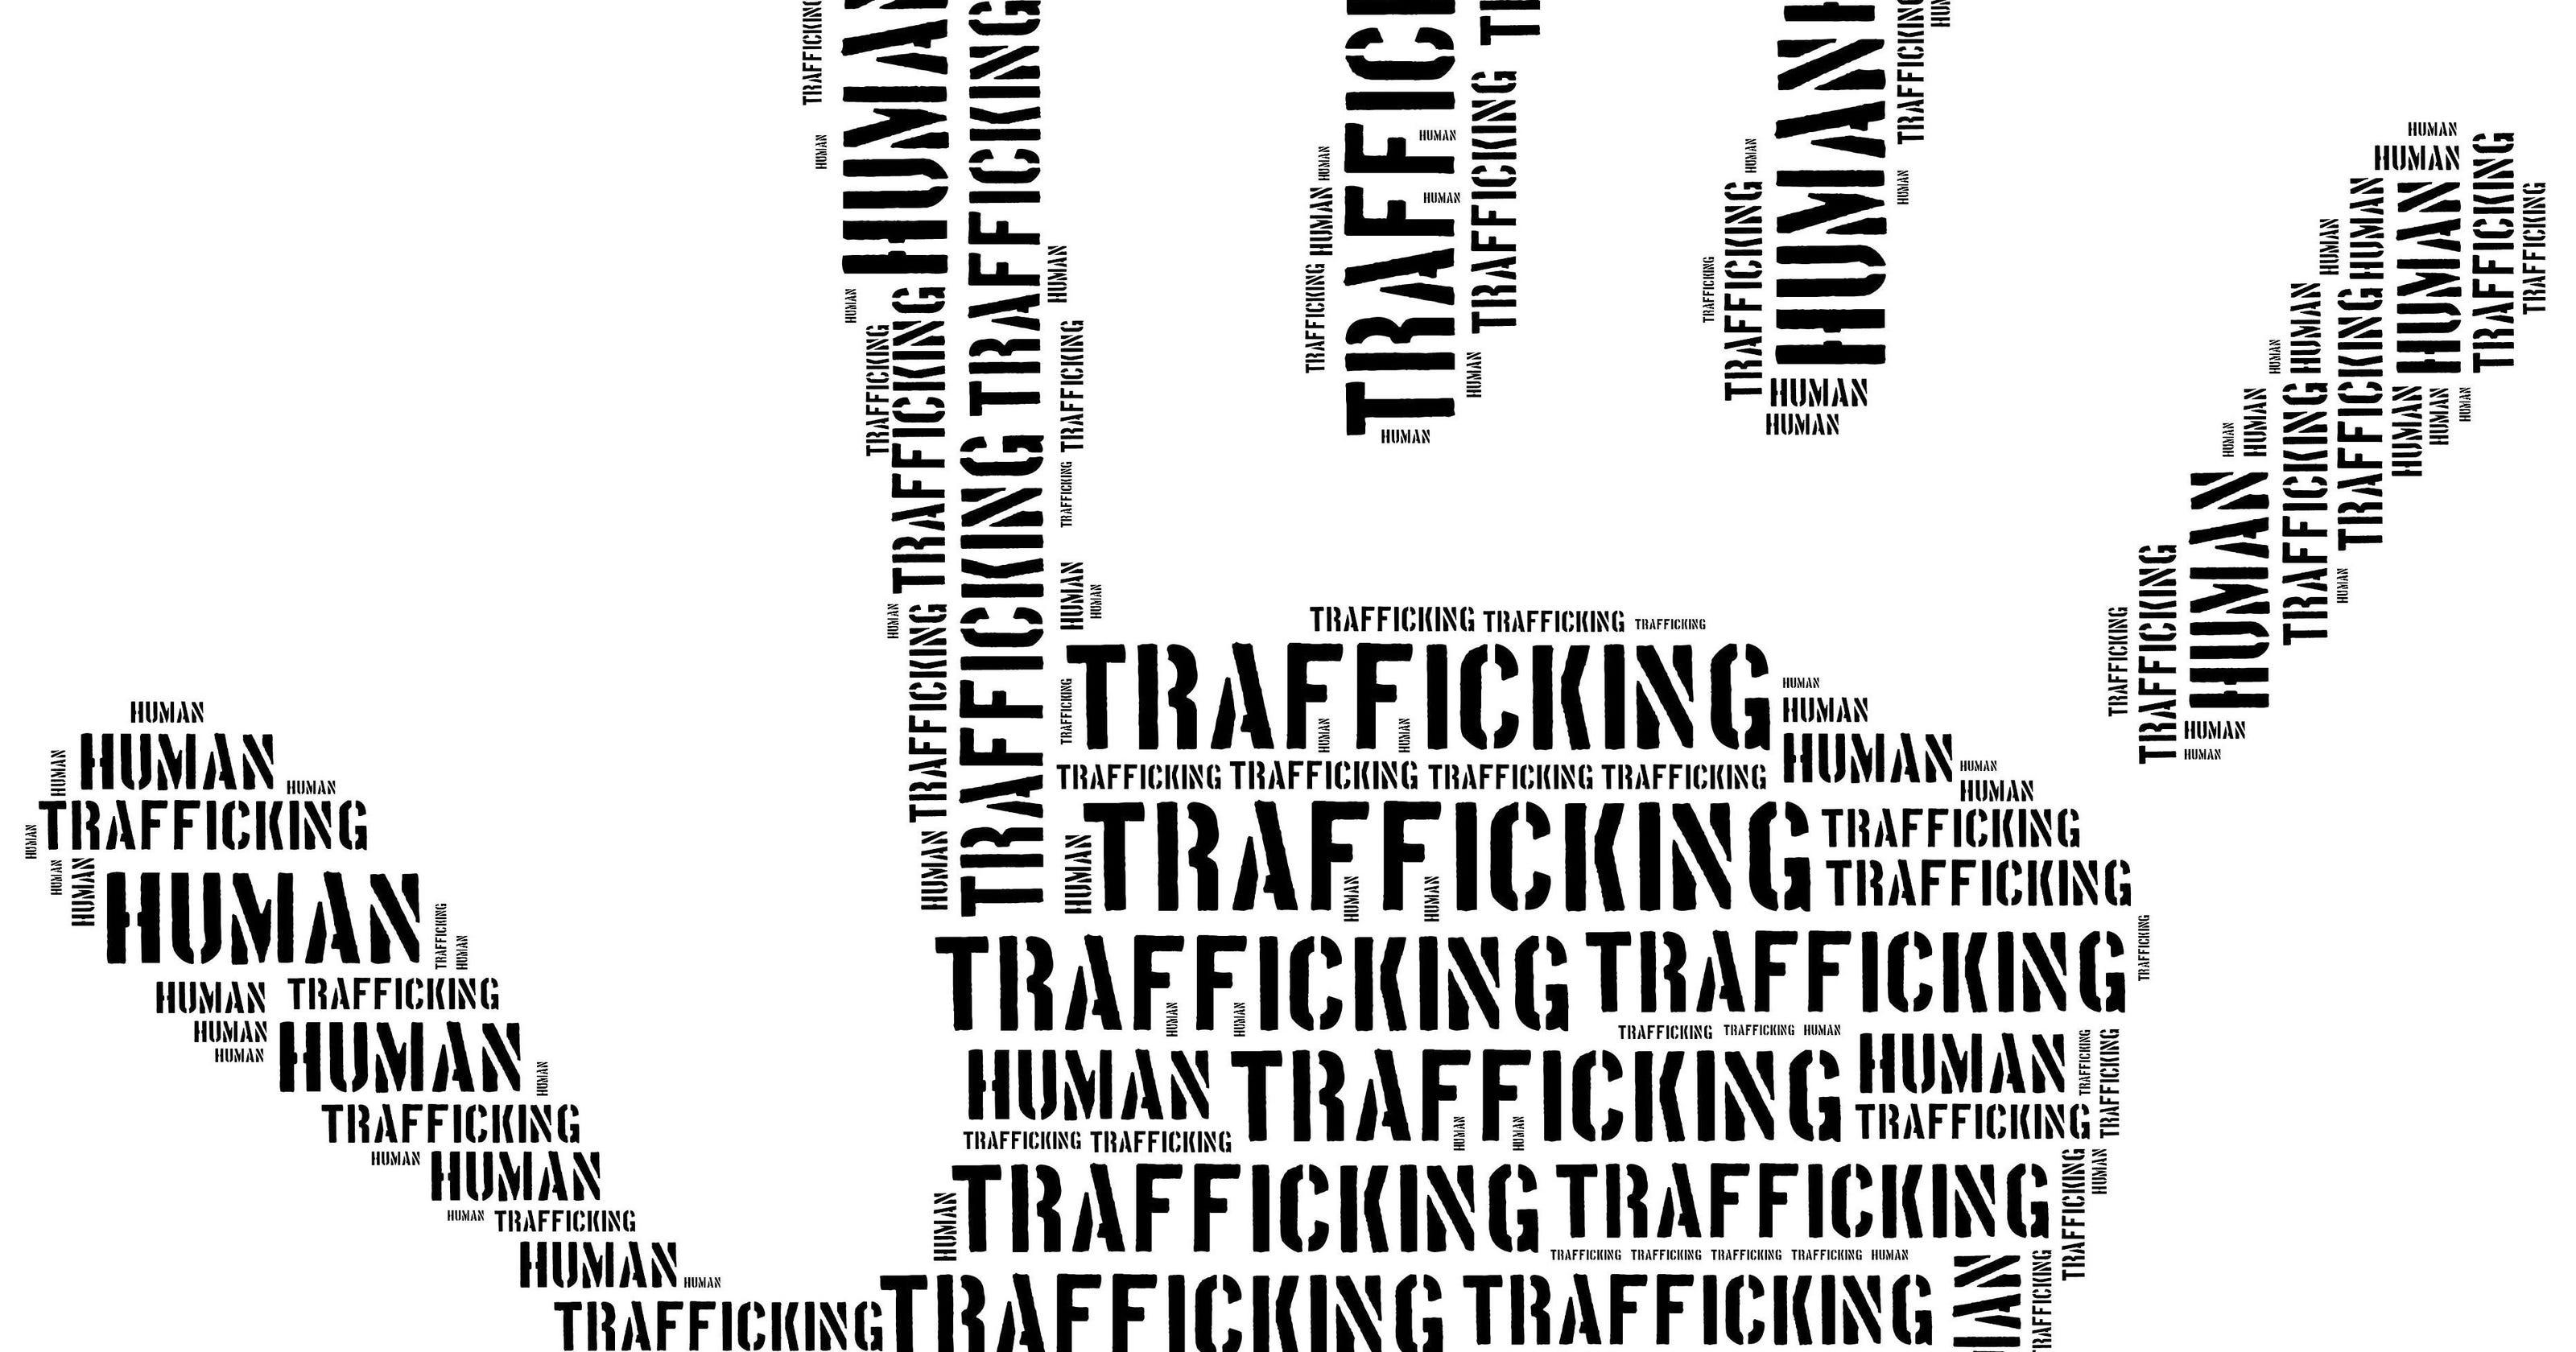 Raising awareness to end trafficking